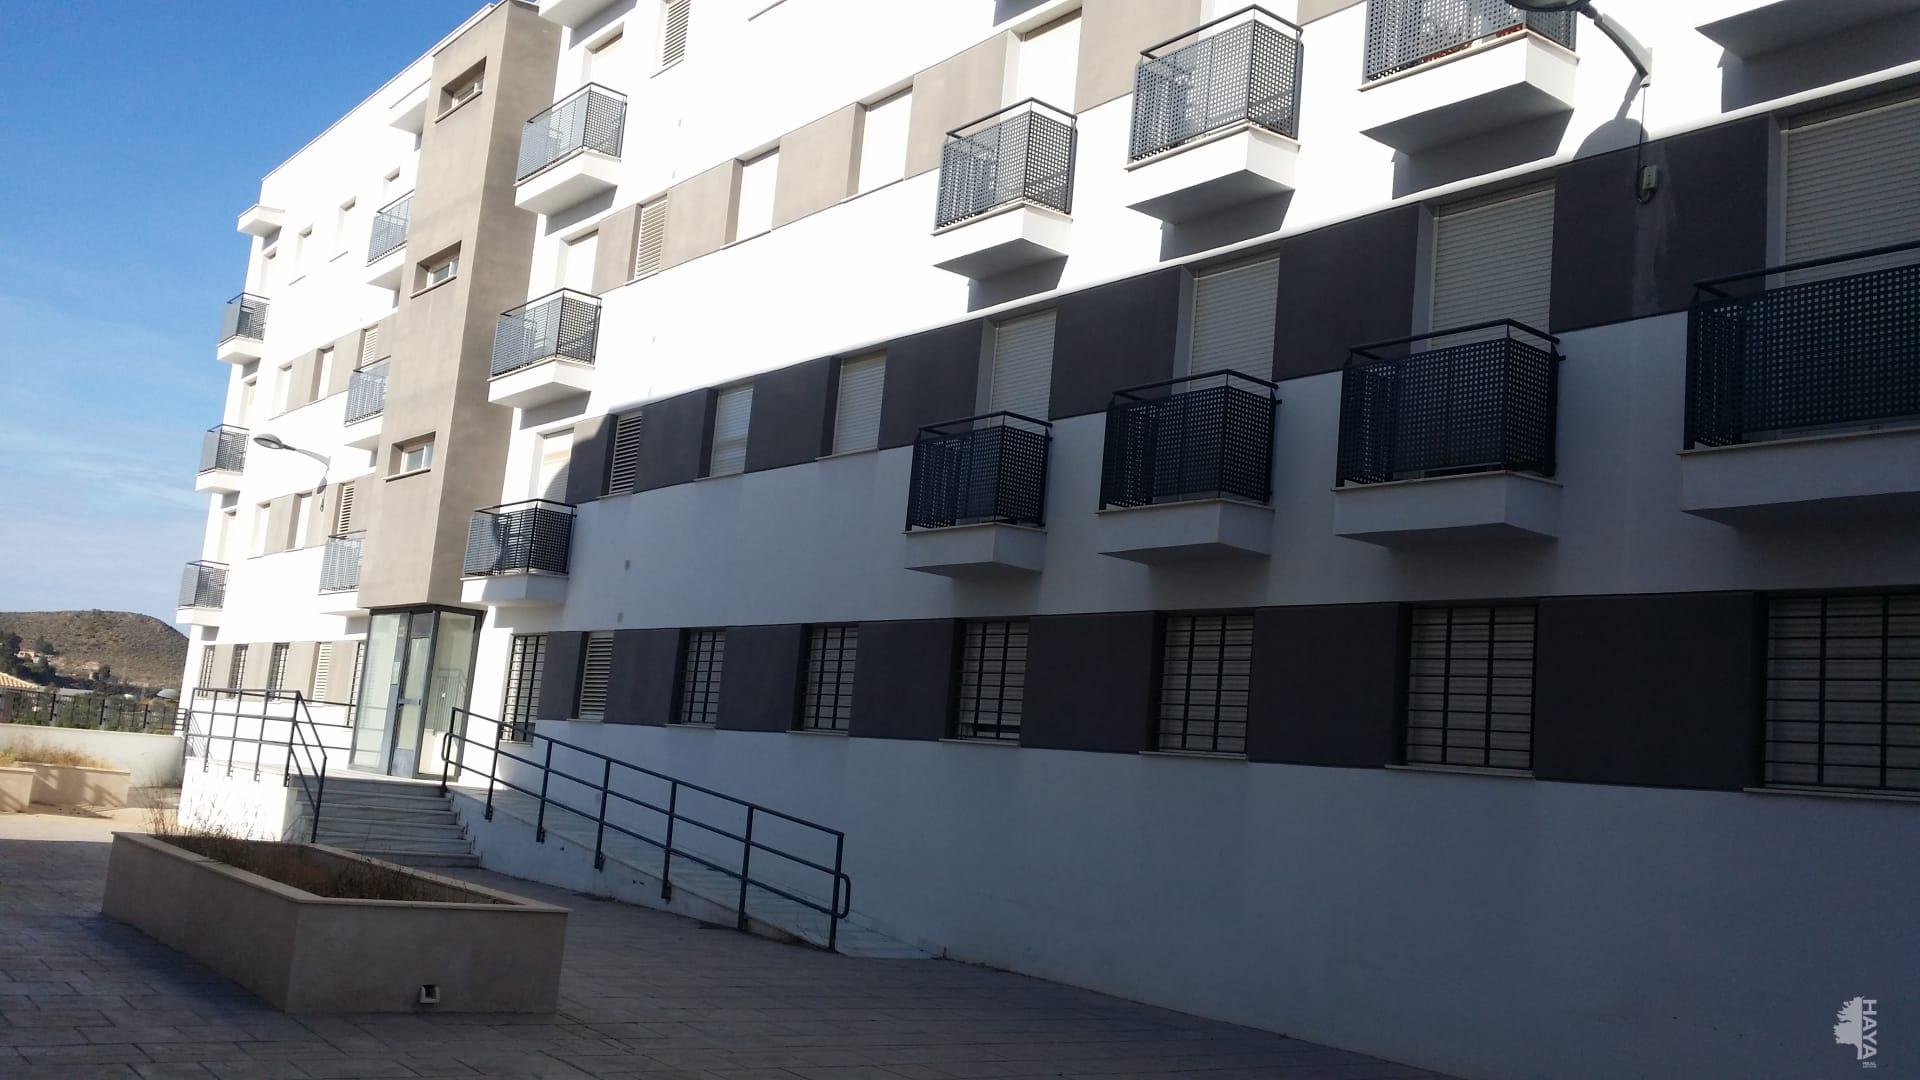 Piso en venta en Huitar Mayor, Olula del Río, Almería, Calle Alta, 72.600 €, 3 habitaciones, 1 baño, 103 m2